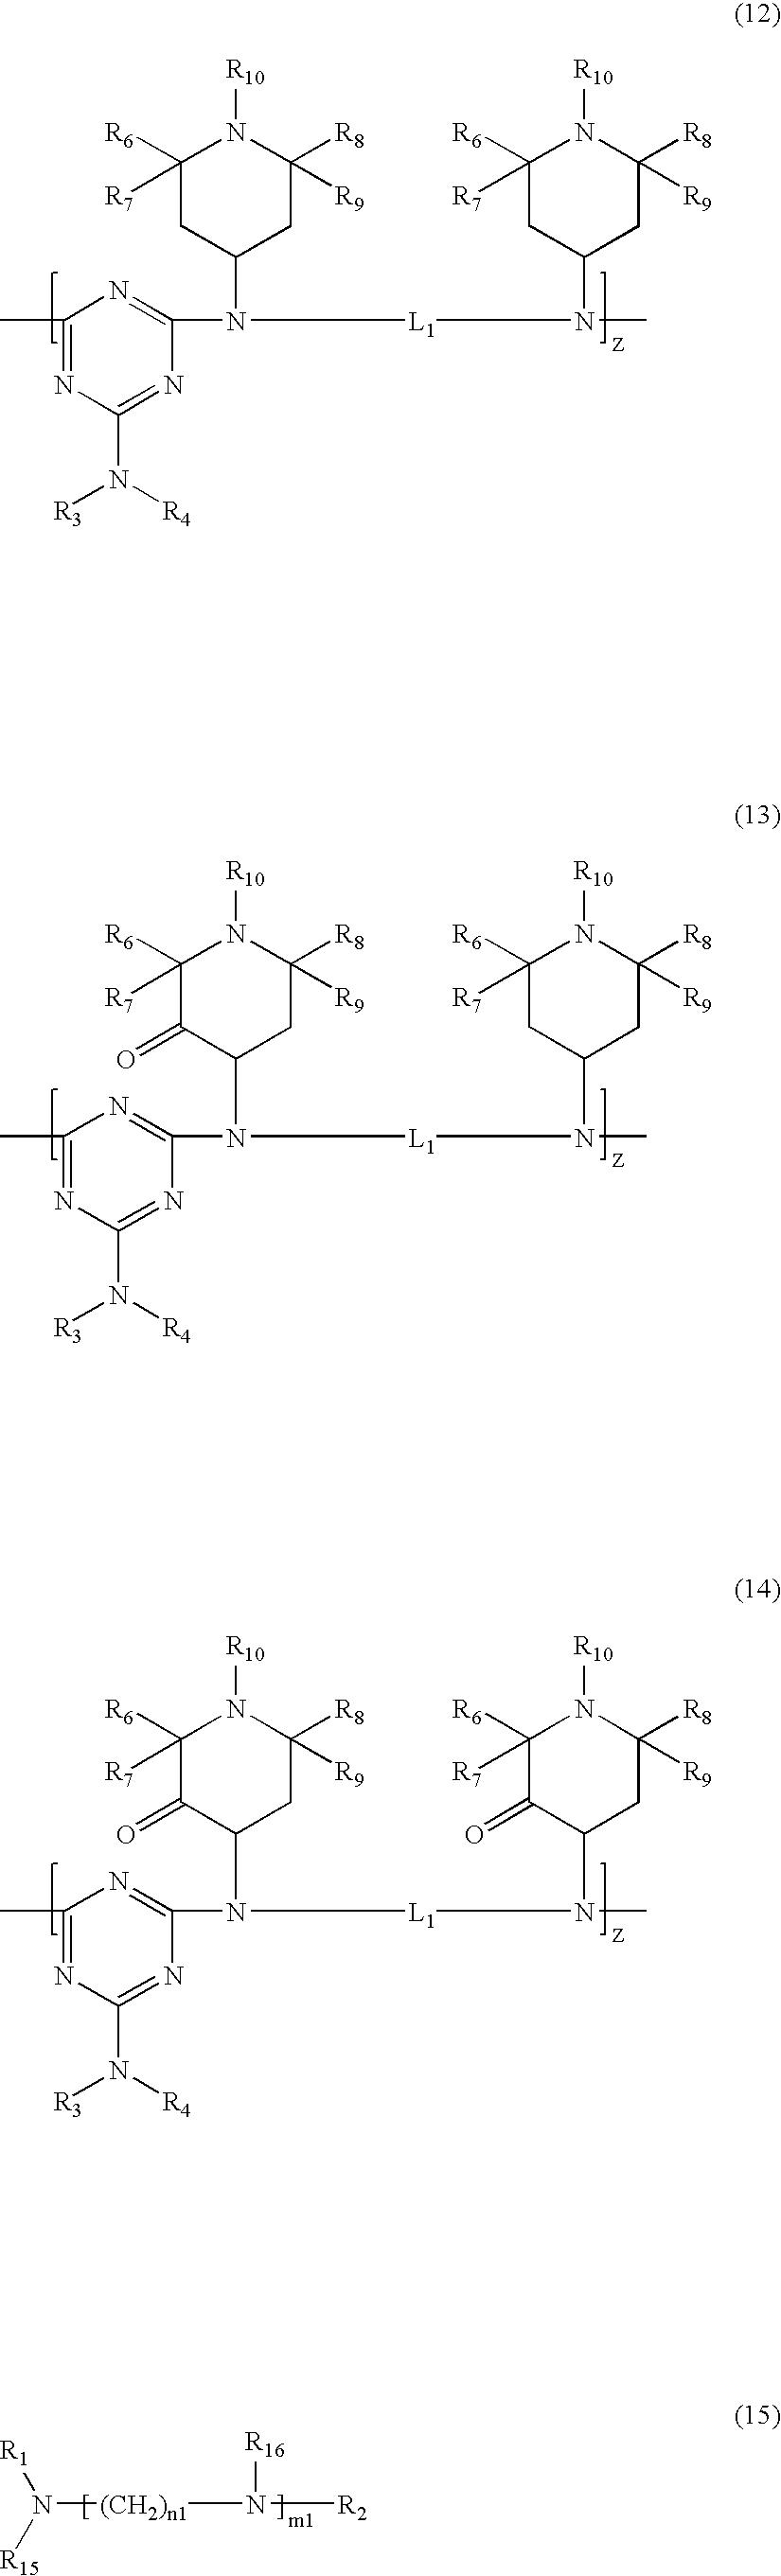 Figure US20070015883A1-20070118-C00016